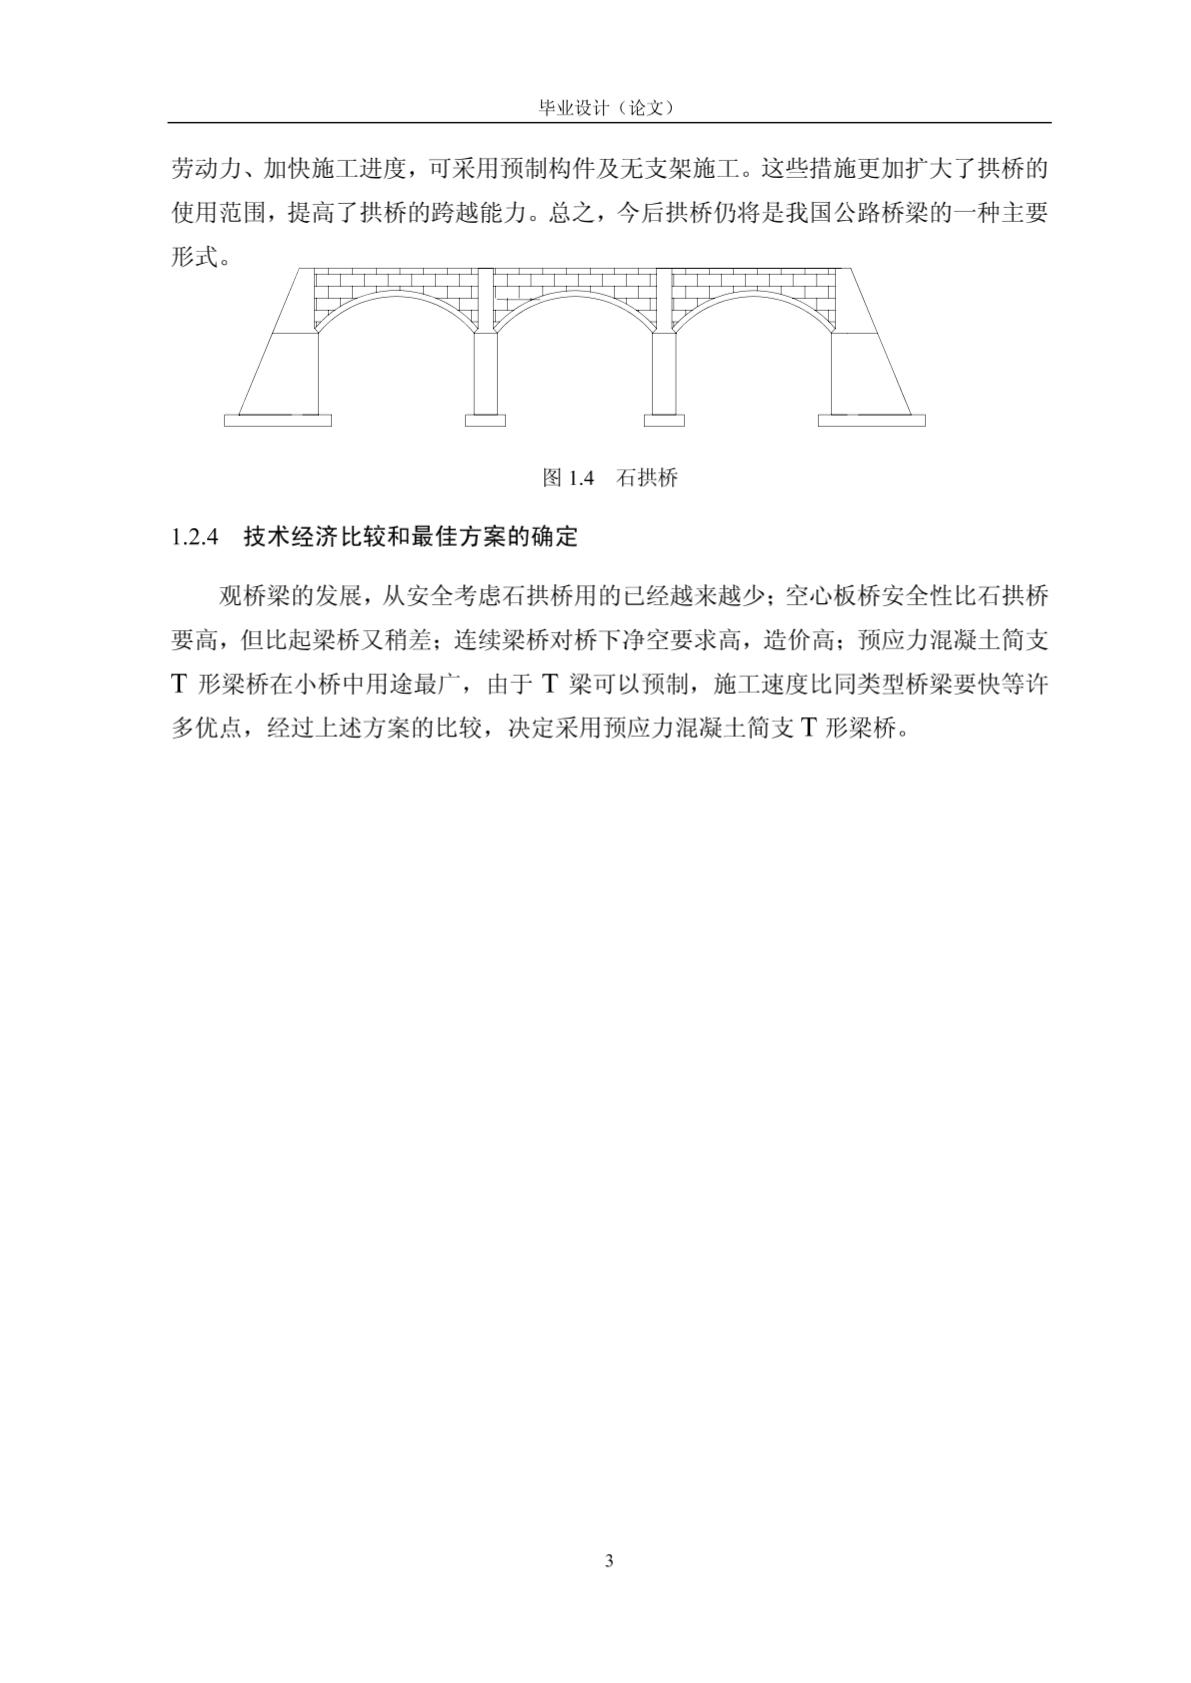 预应力简支T梁(20m)优秀毕业设计计算书图片1